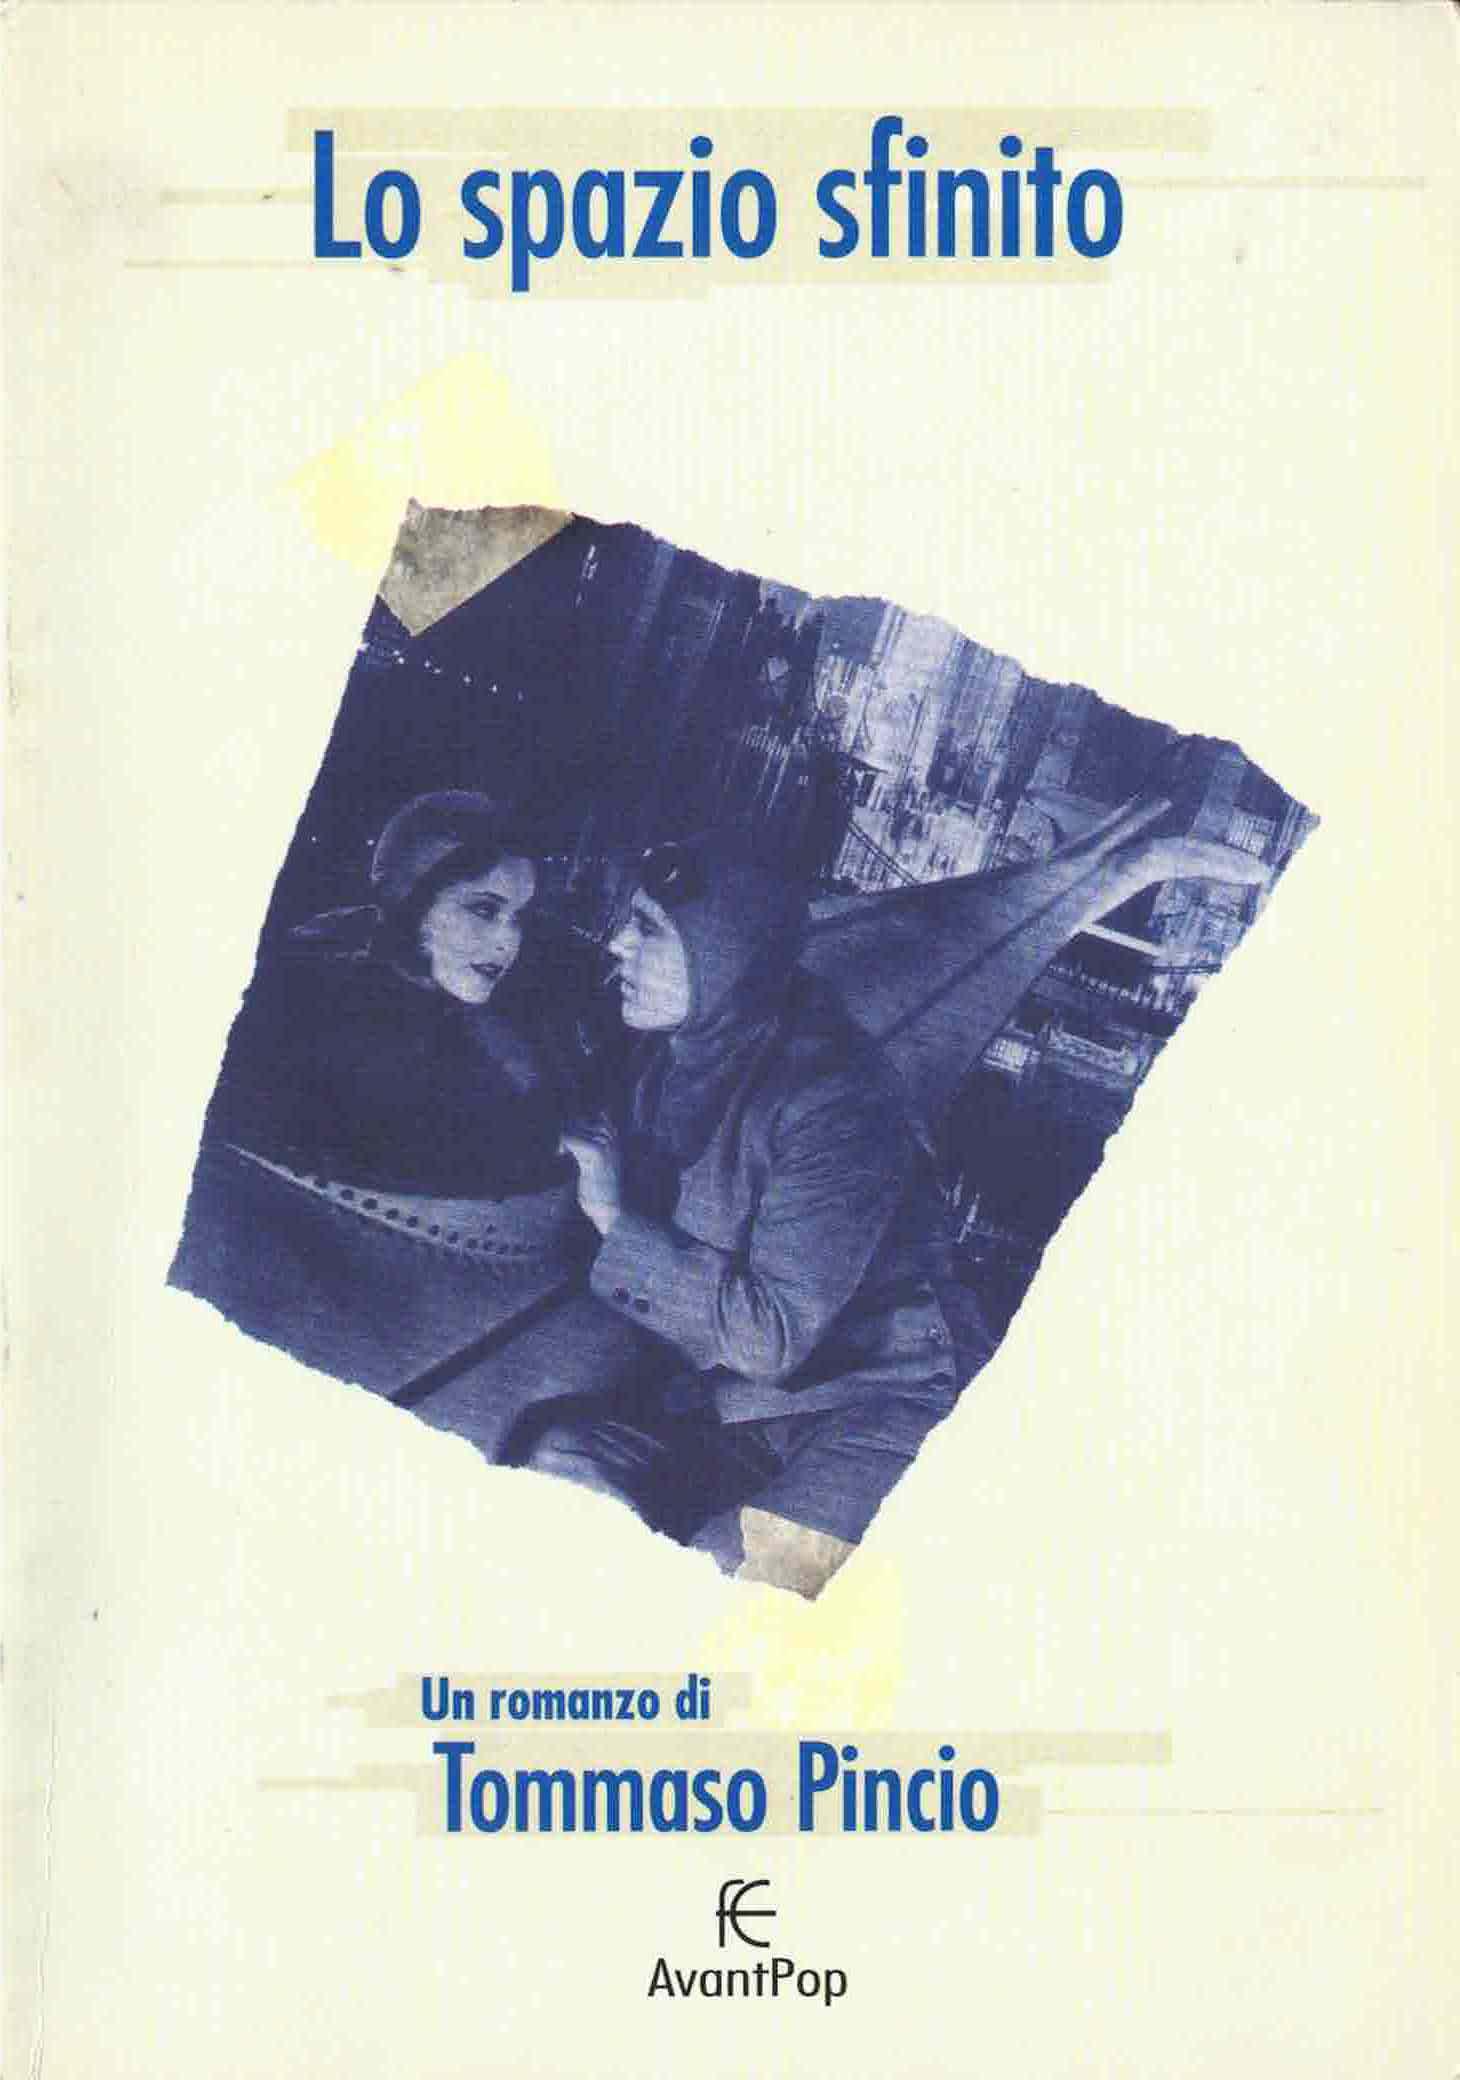 Tommaso Pincio, Lo spazio sfinito, 2000